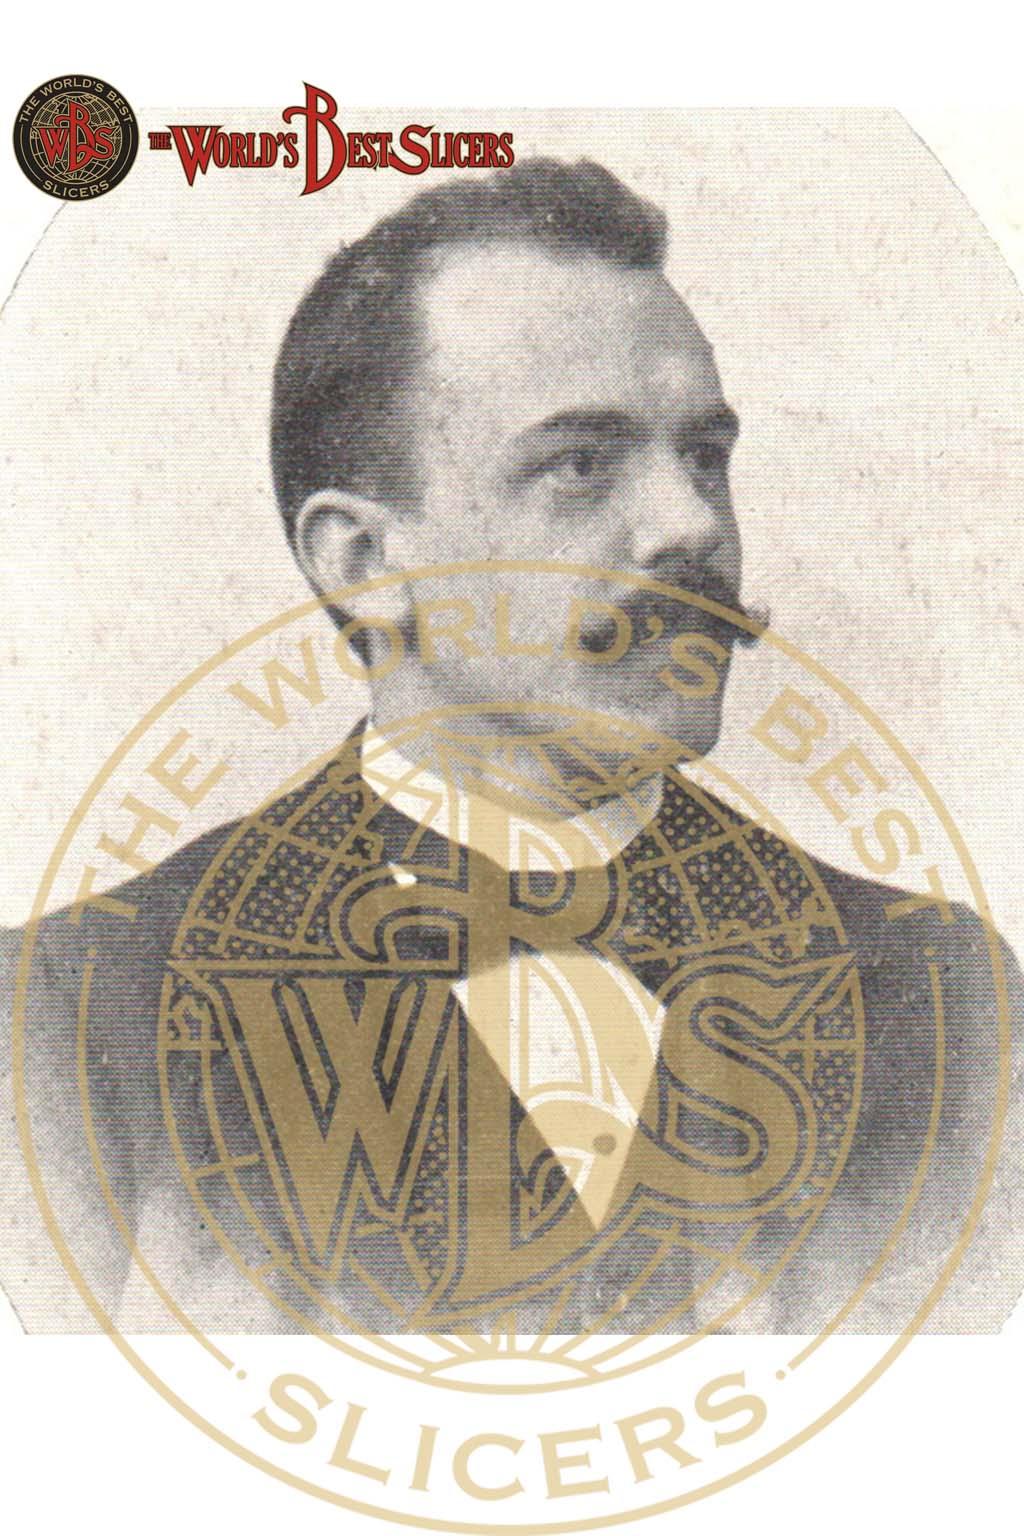 w.A.van-Berkel W.A.Van Berkel's Geschichte